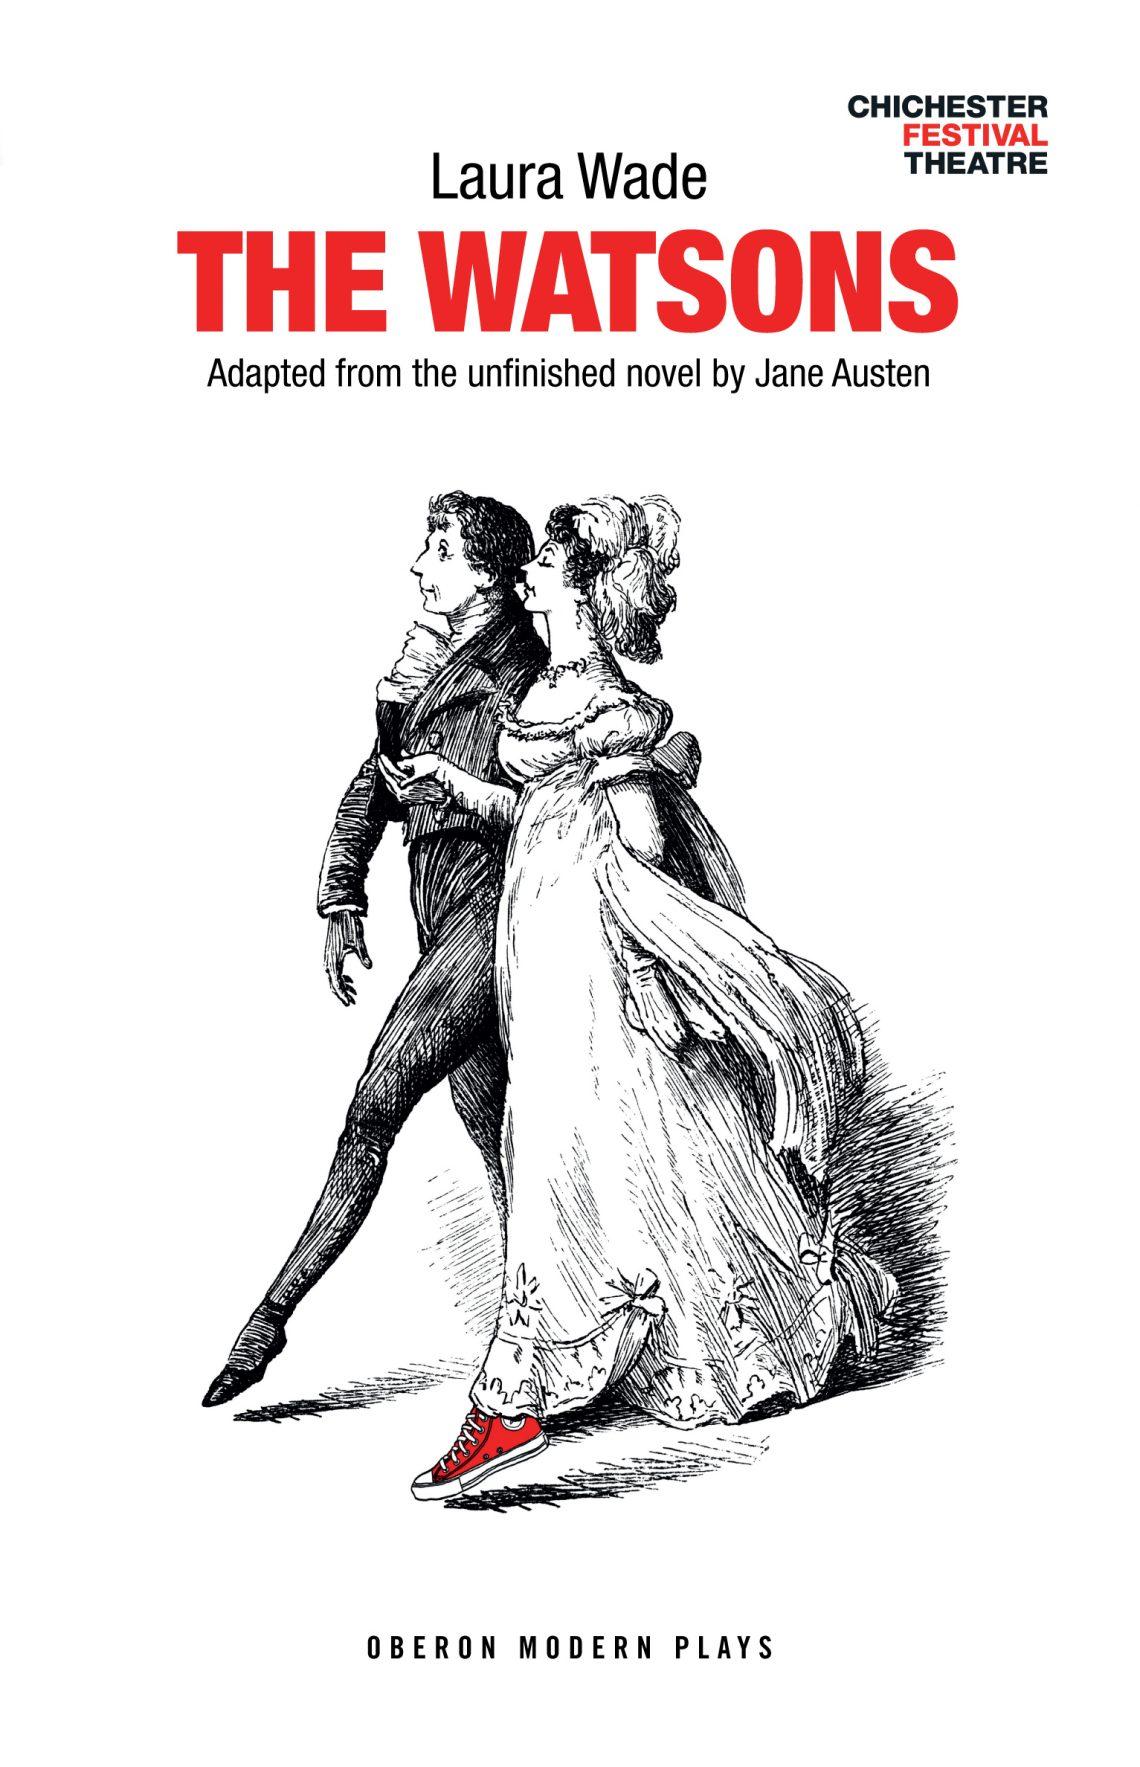 A peça de The Watsons de Laura Wade foi inspirada na novela inacabada de Jane Austen de mesmo nome.